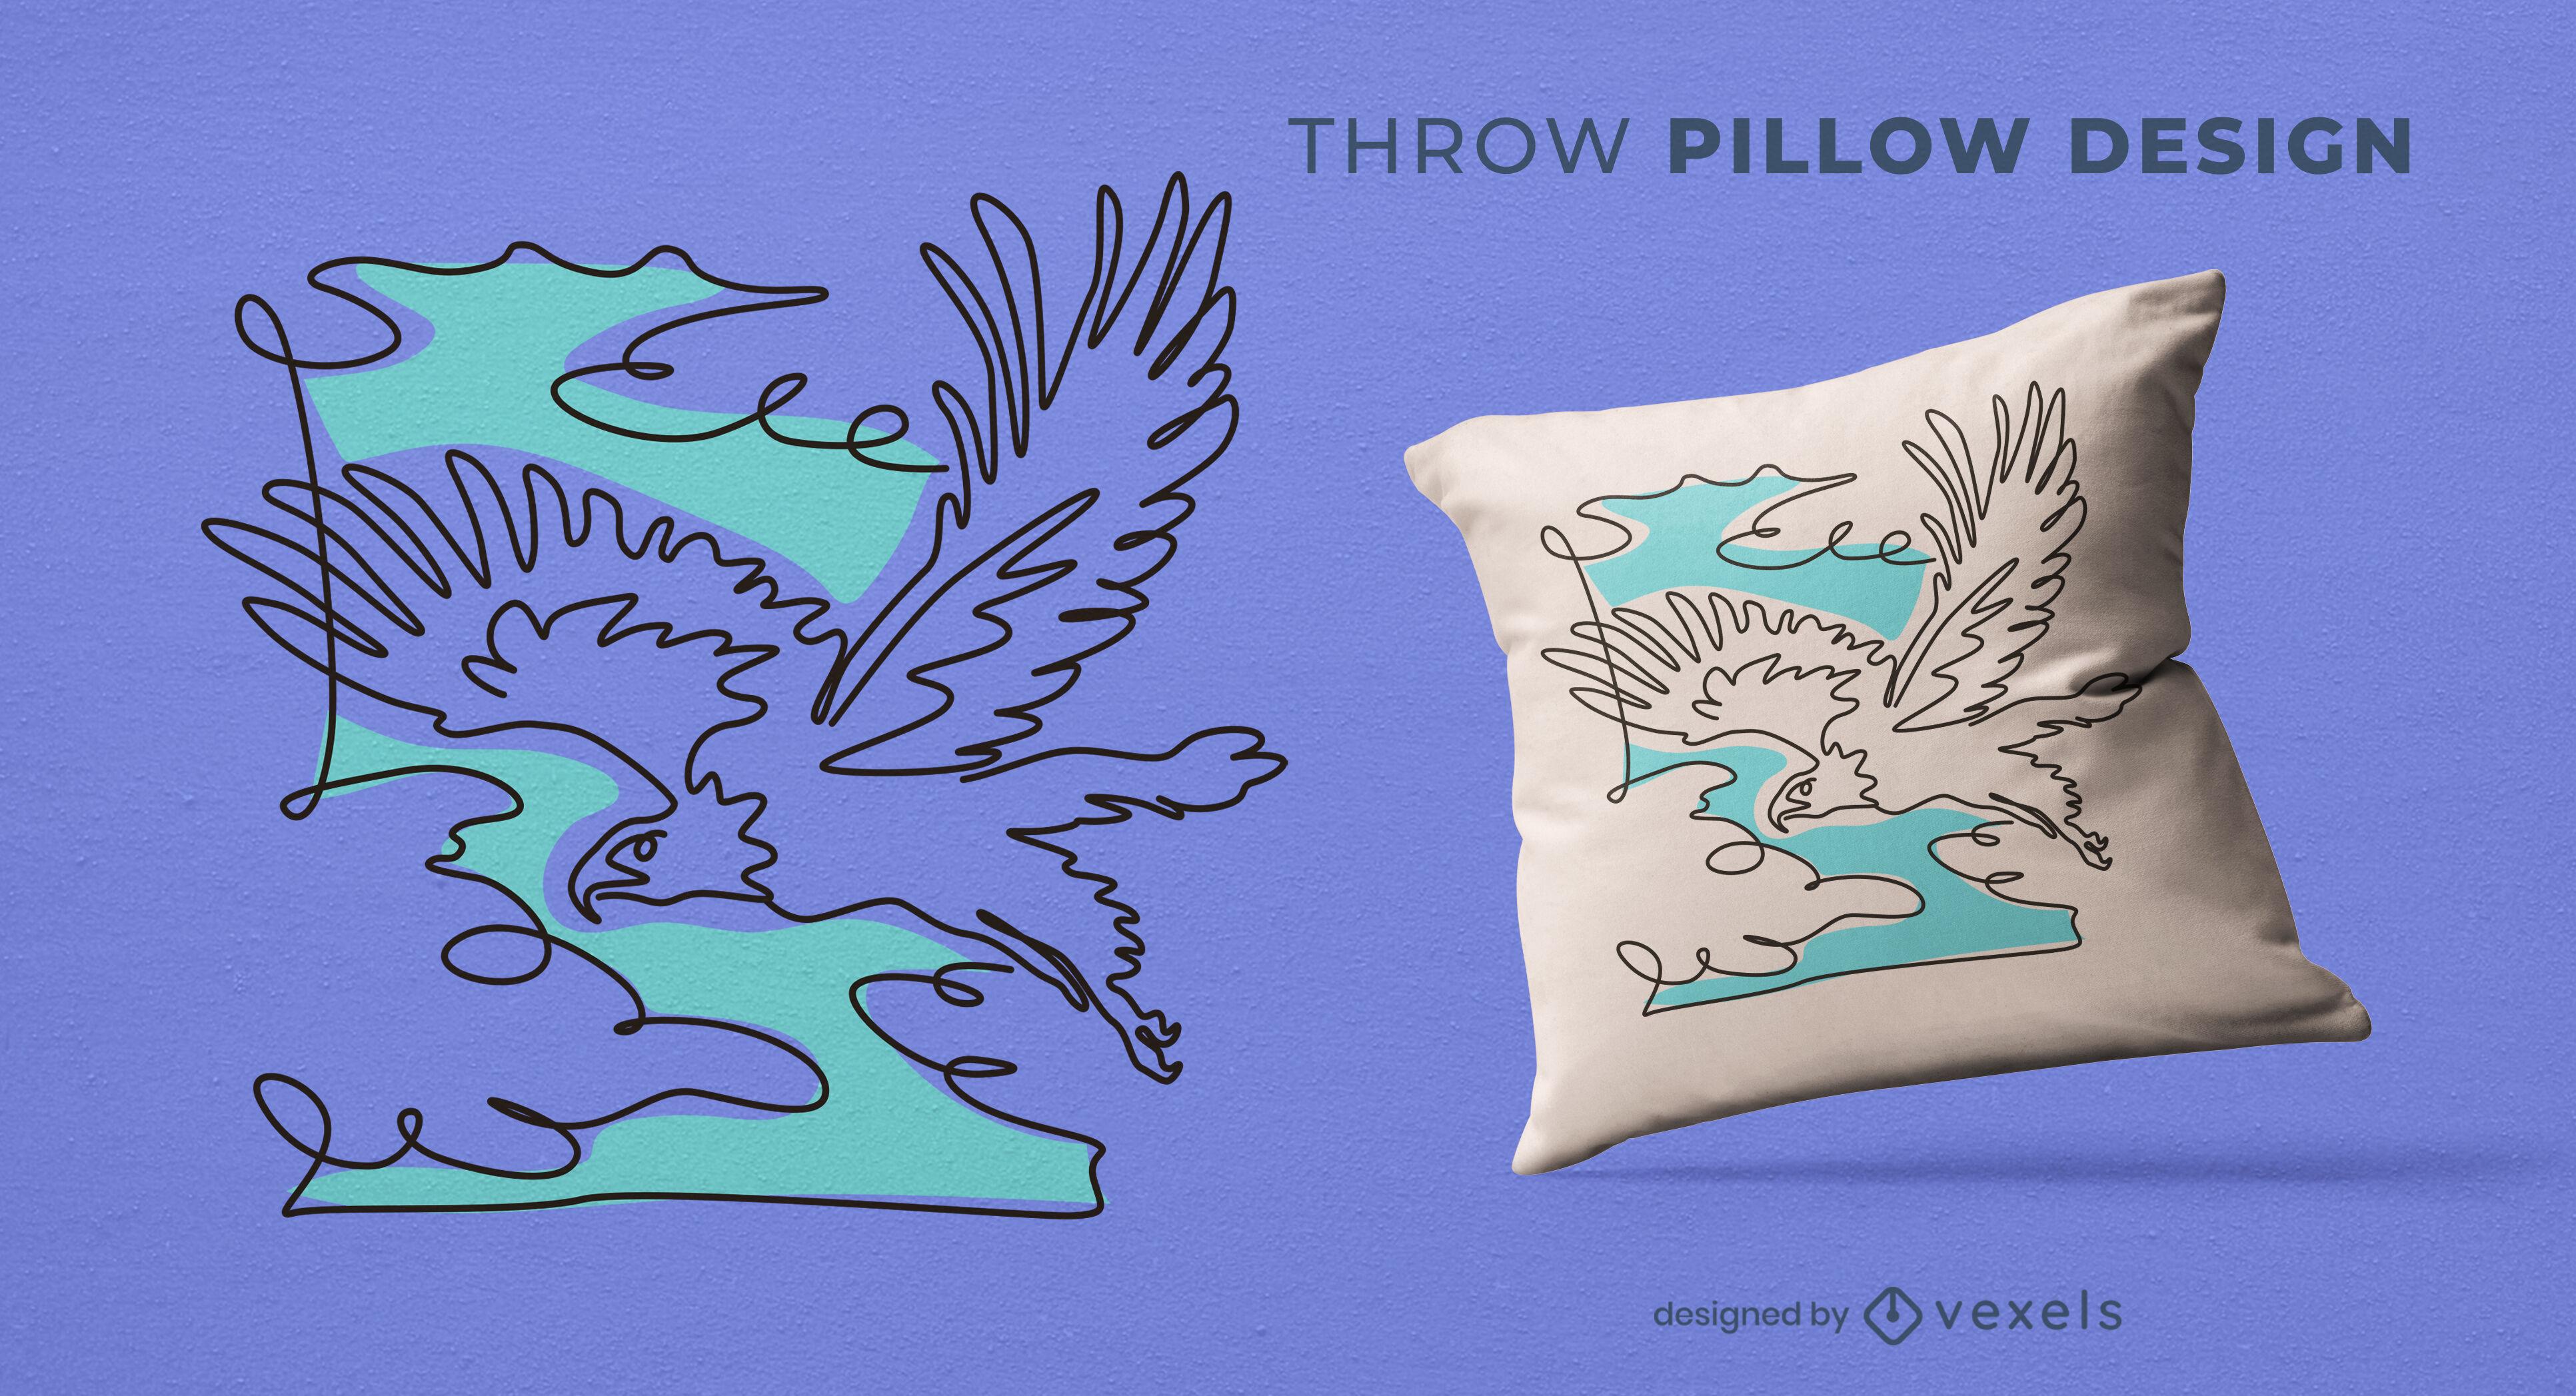 Diseño de almohada de tiro de pájaro águila volando